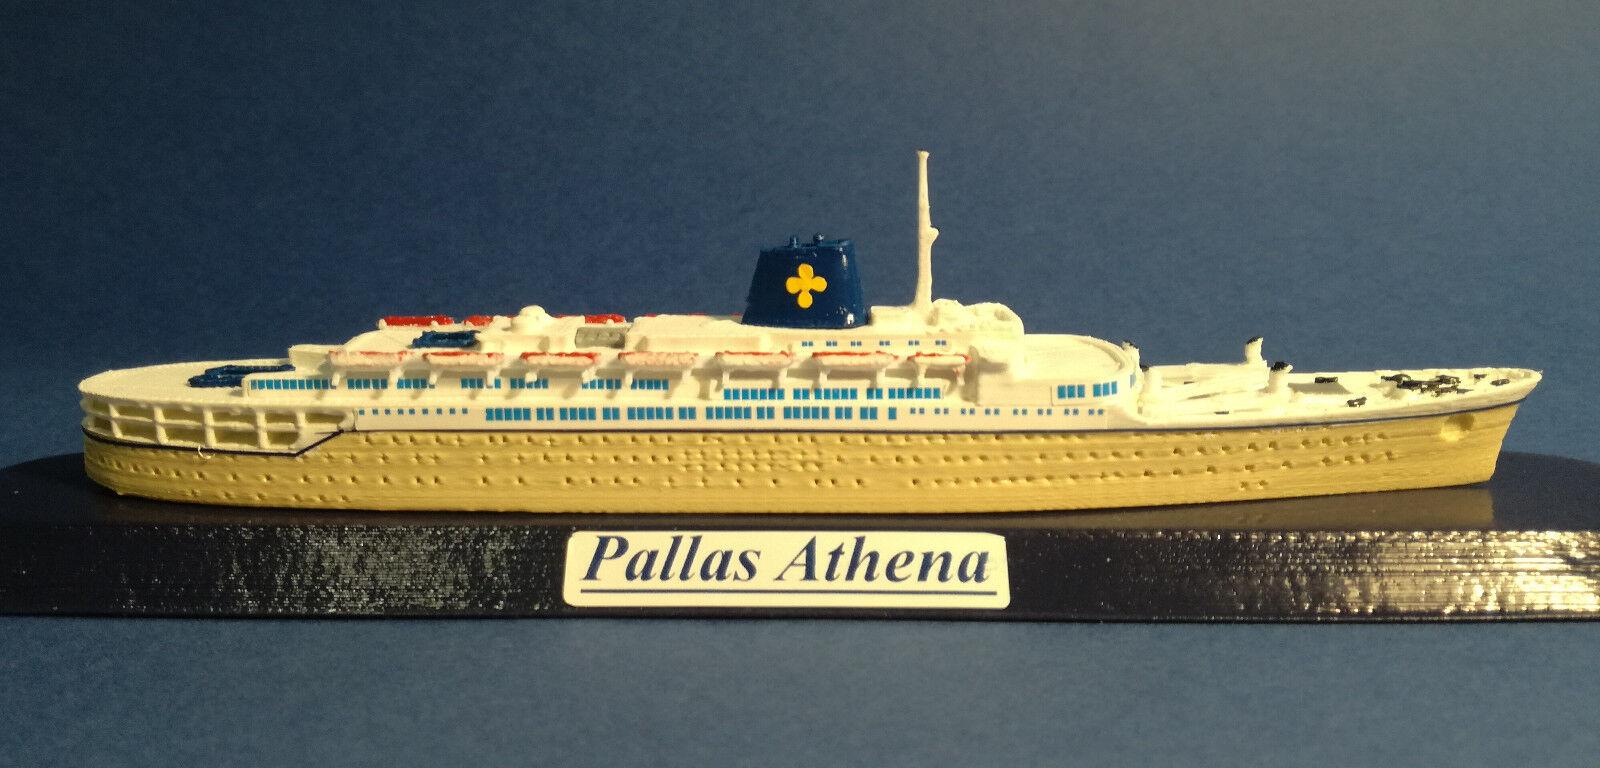 Modello nave Pallas Athena -Epirediky  Ex Carla Costa Ex Flandre scala 1 1250